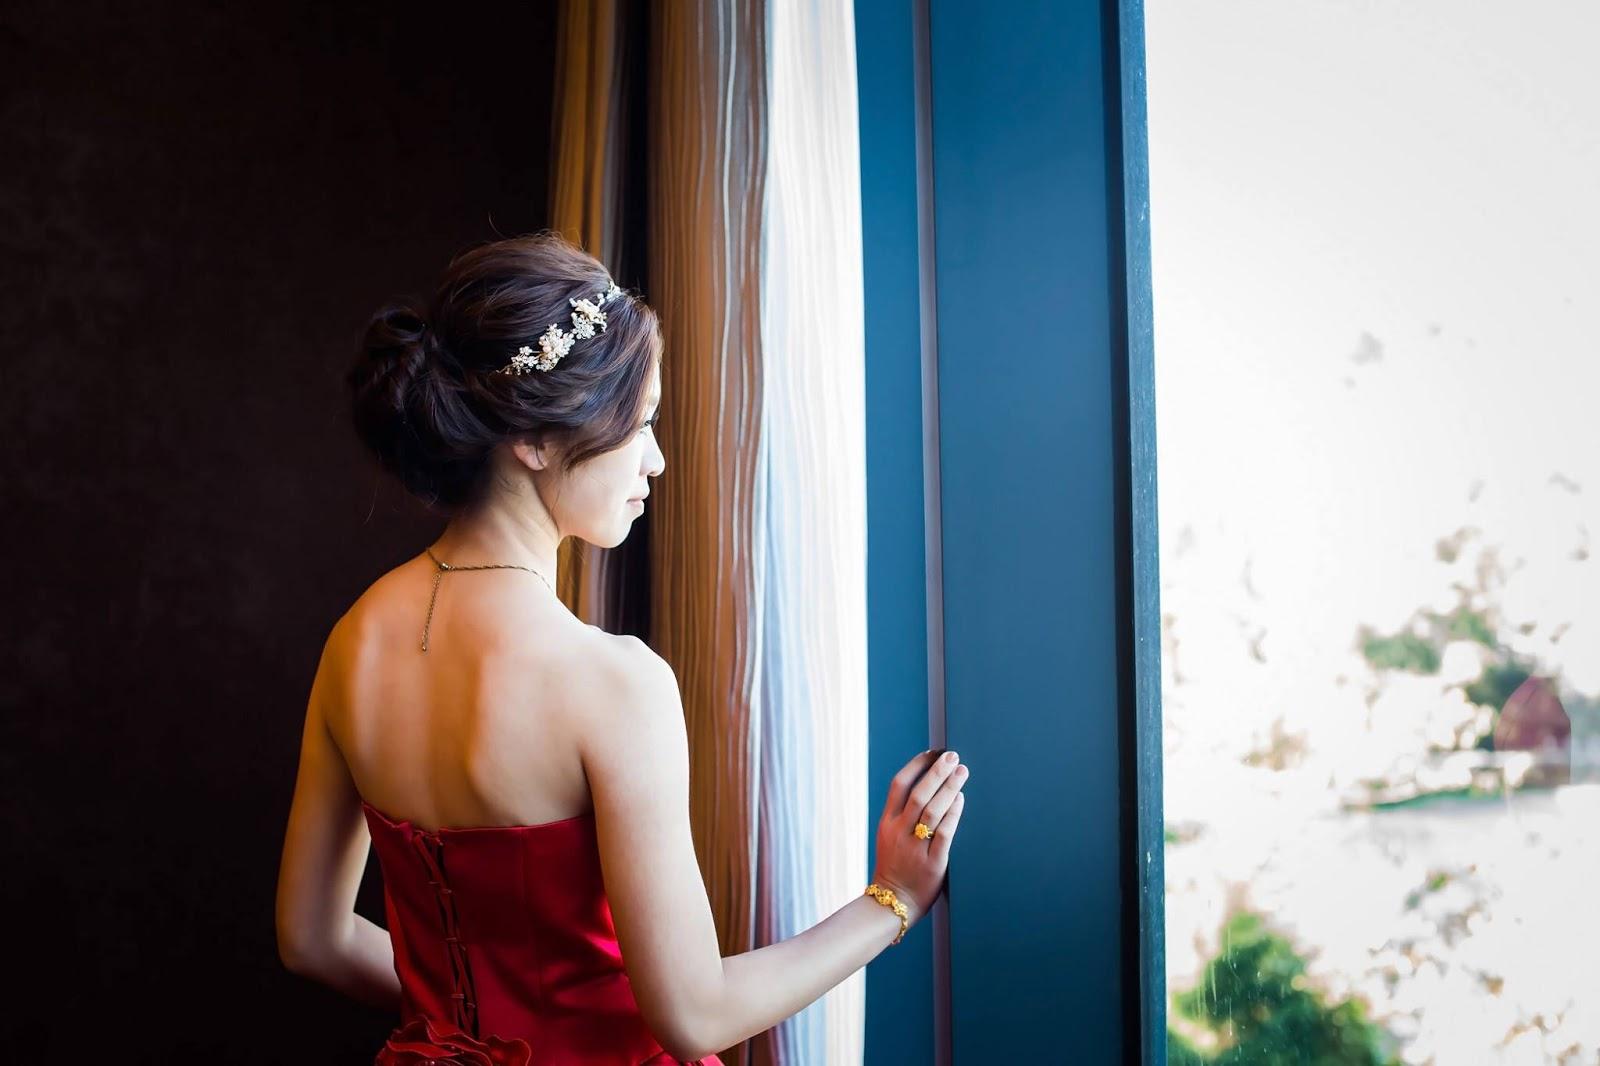 台中新秘, 婚宴造型, 婚禮現場, 婚禮造型, 新娘秘書, 新秘阿桂Dabby, 新秘推薦, 日月潭雲品酒店